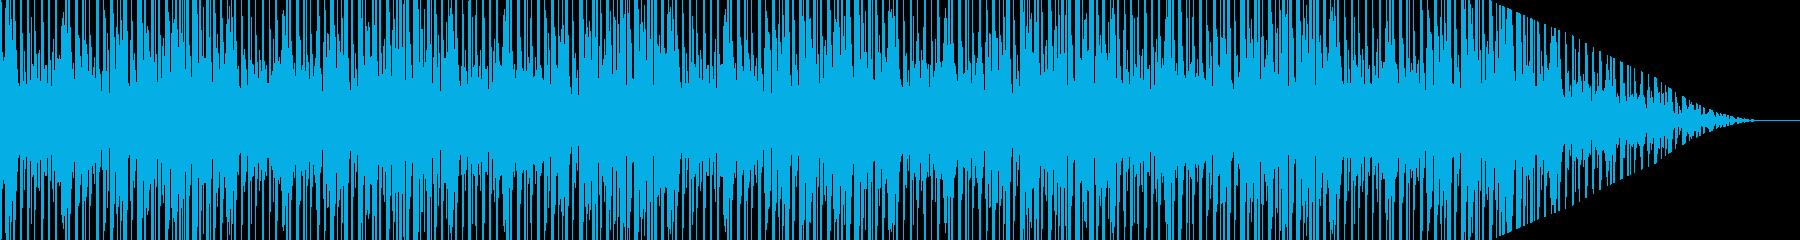 軽快なリズムで弾むような明るいポップ曲の再生済みの波形